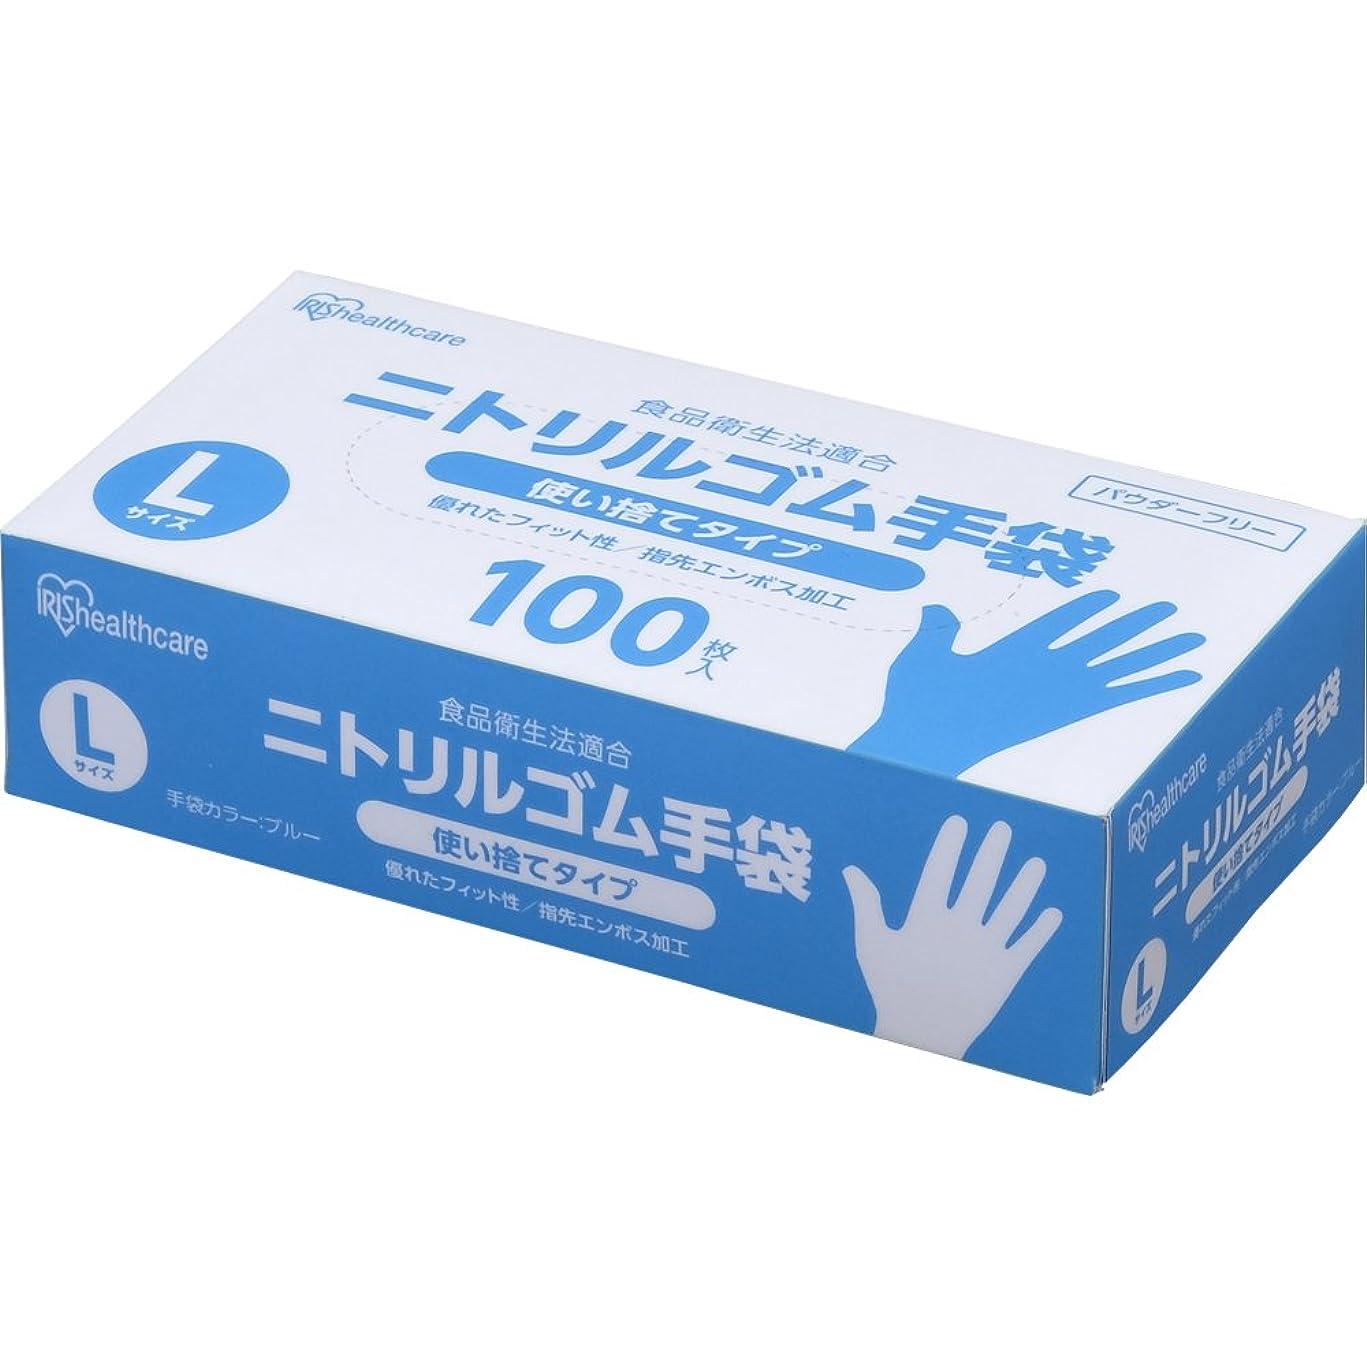 愚かな花束骨の折れるアイリスオーヤマ 使い捨て手袋 ブルー ニトリルゴム 100枚 Lサイズ 業務用